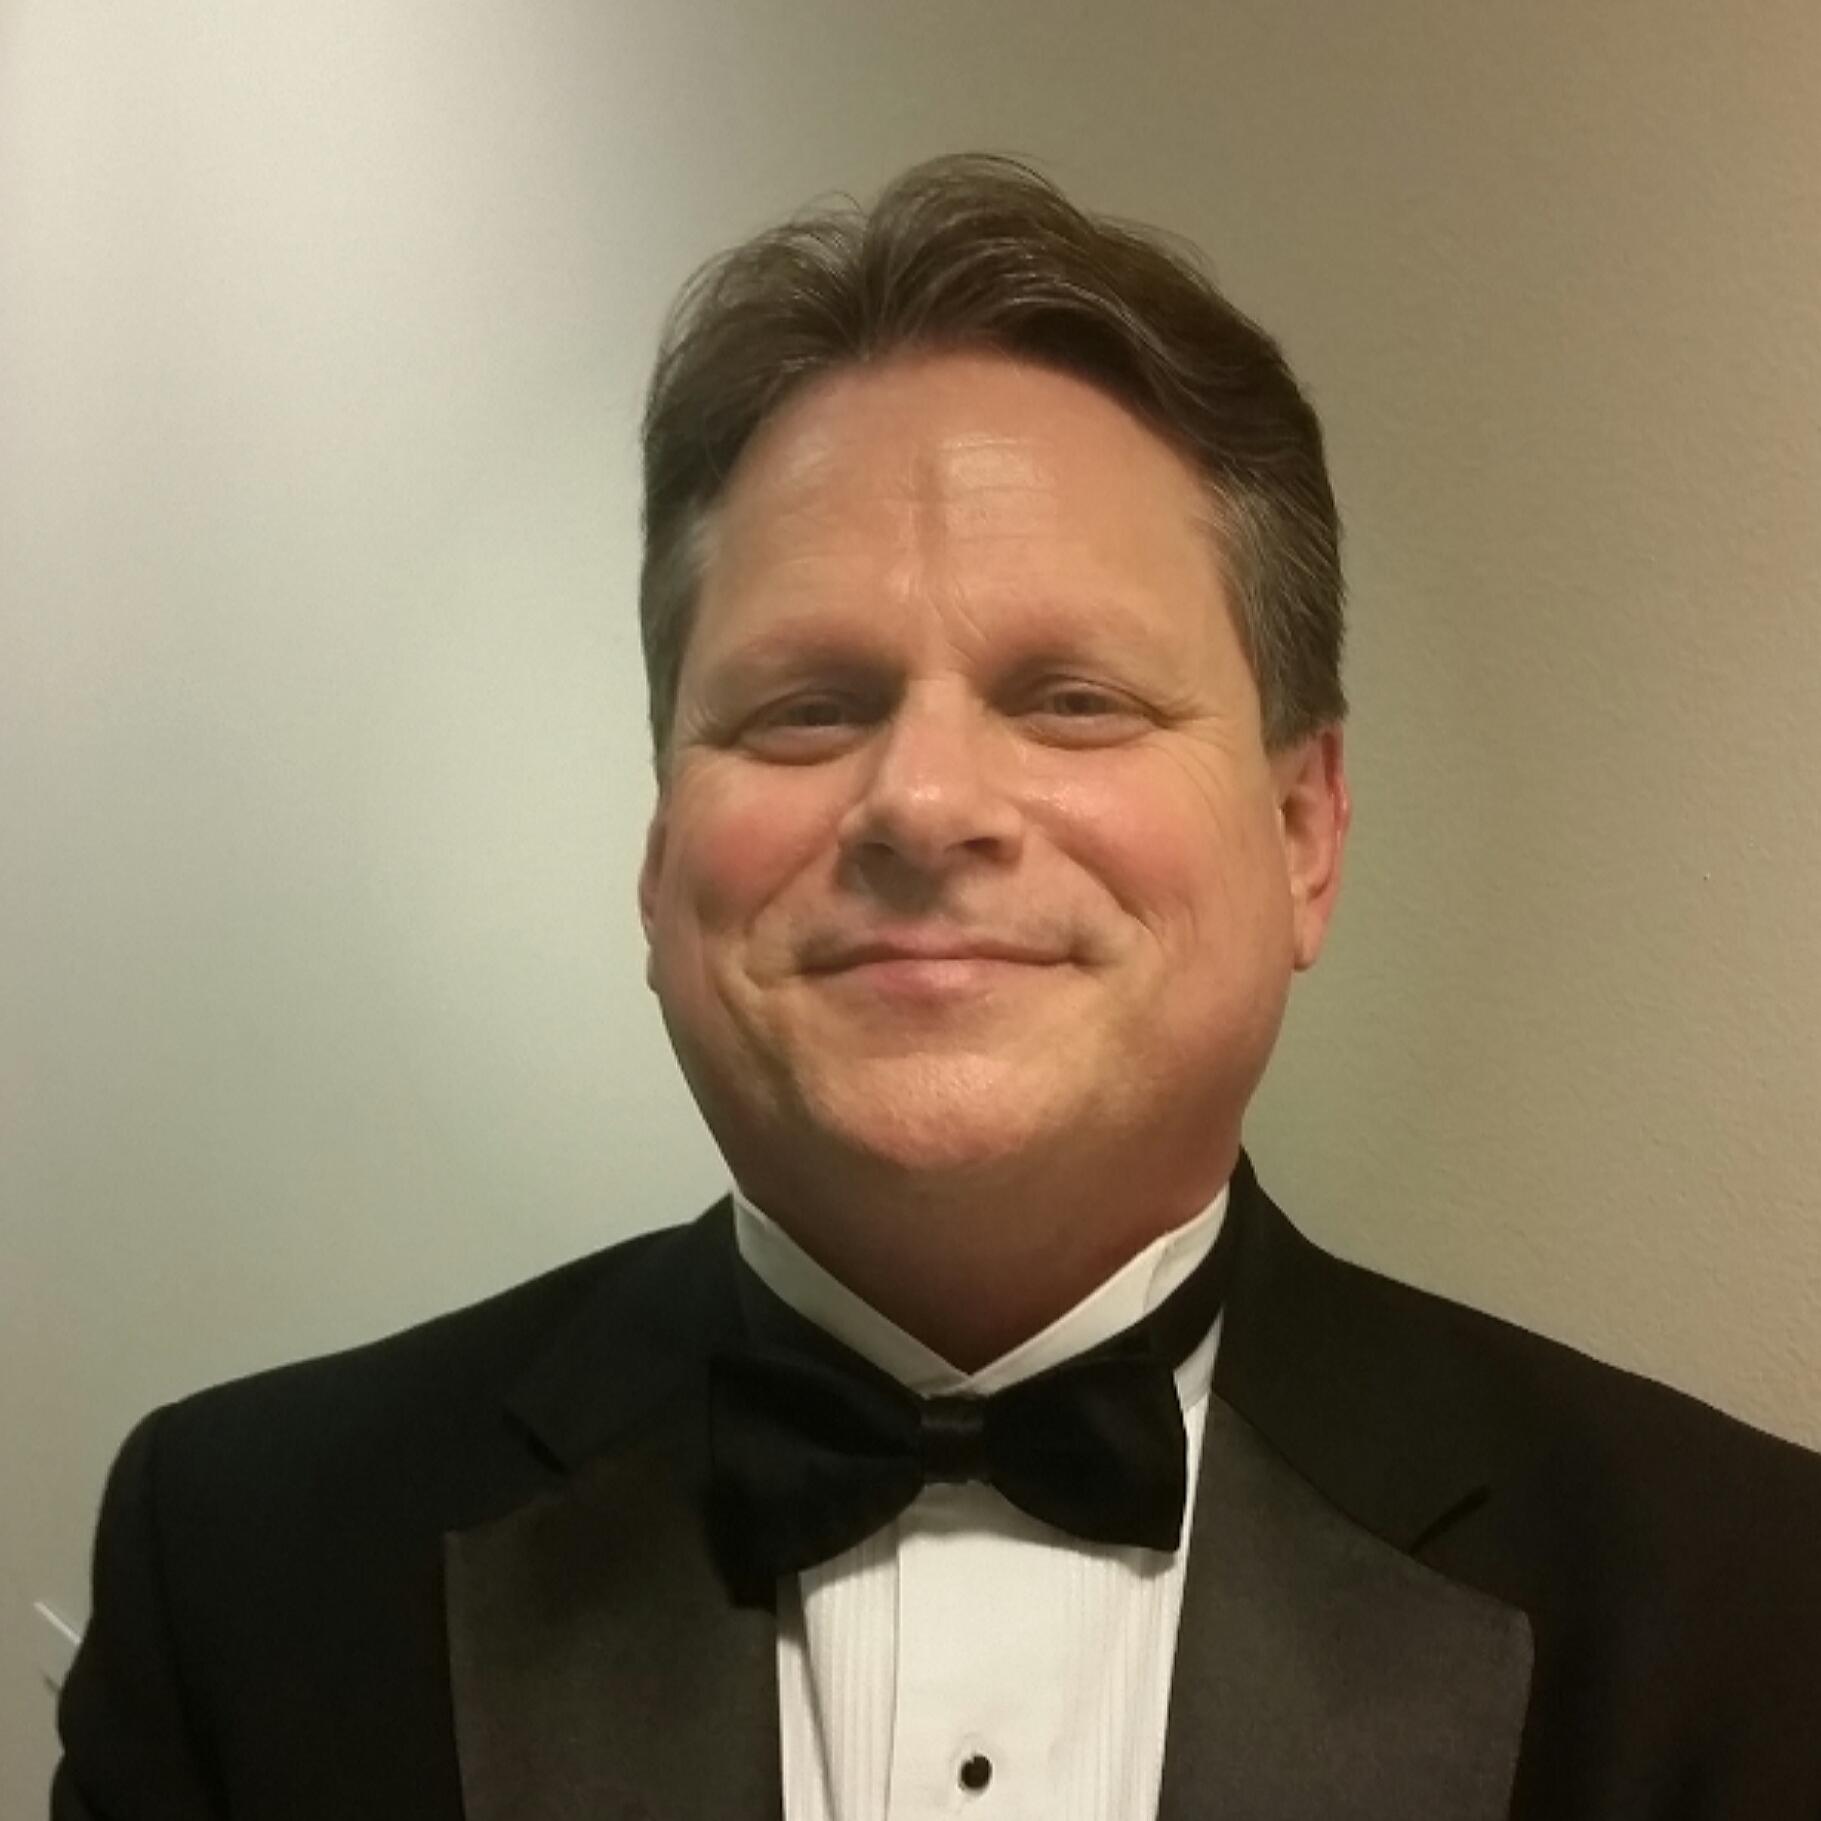 Tim White - Principal Trumpet